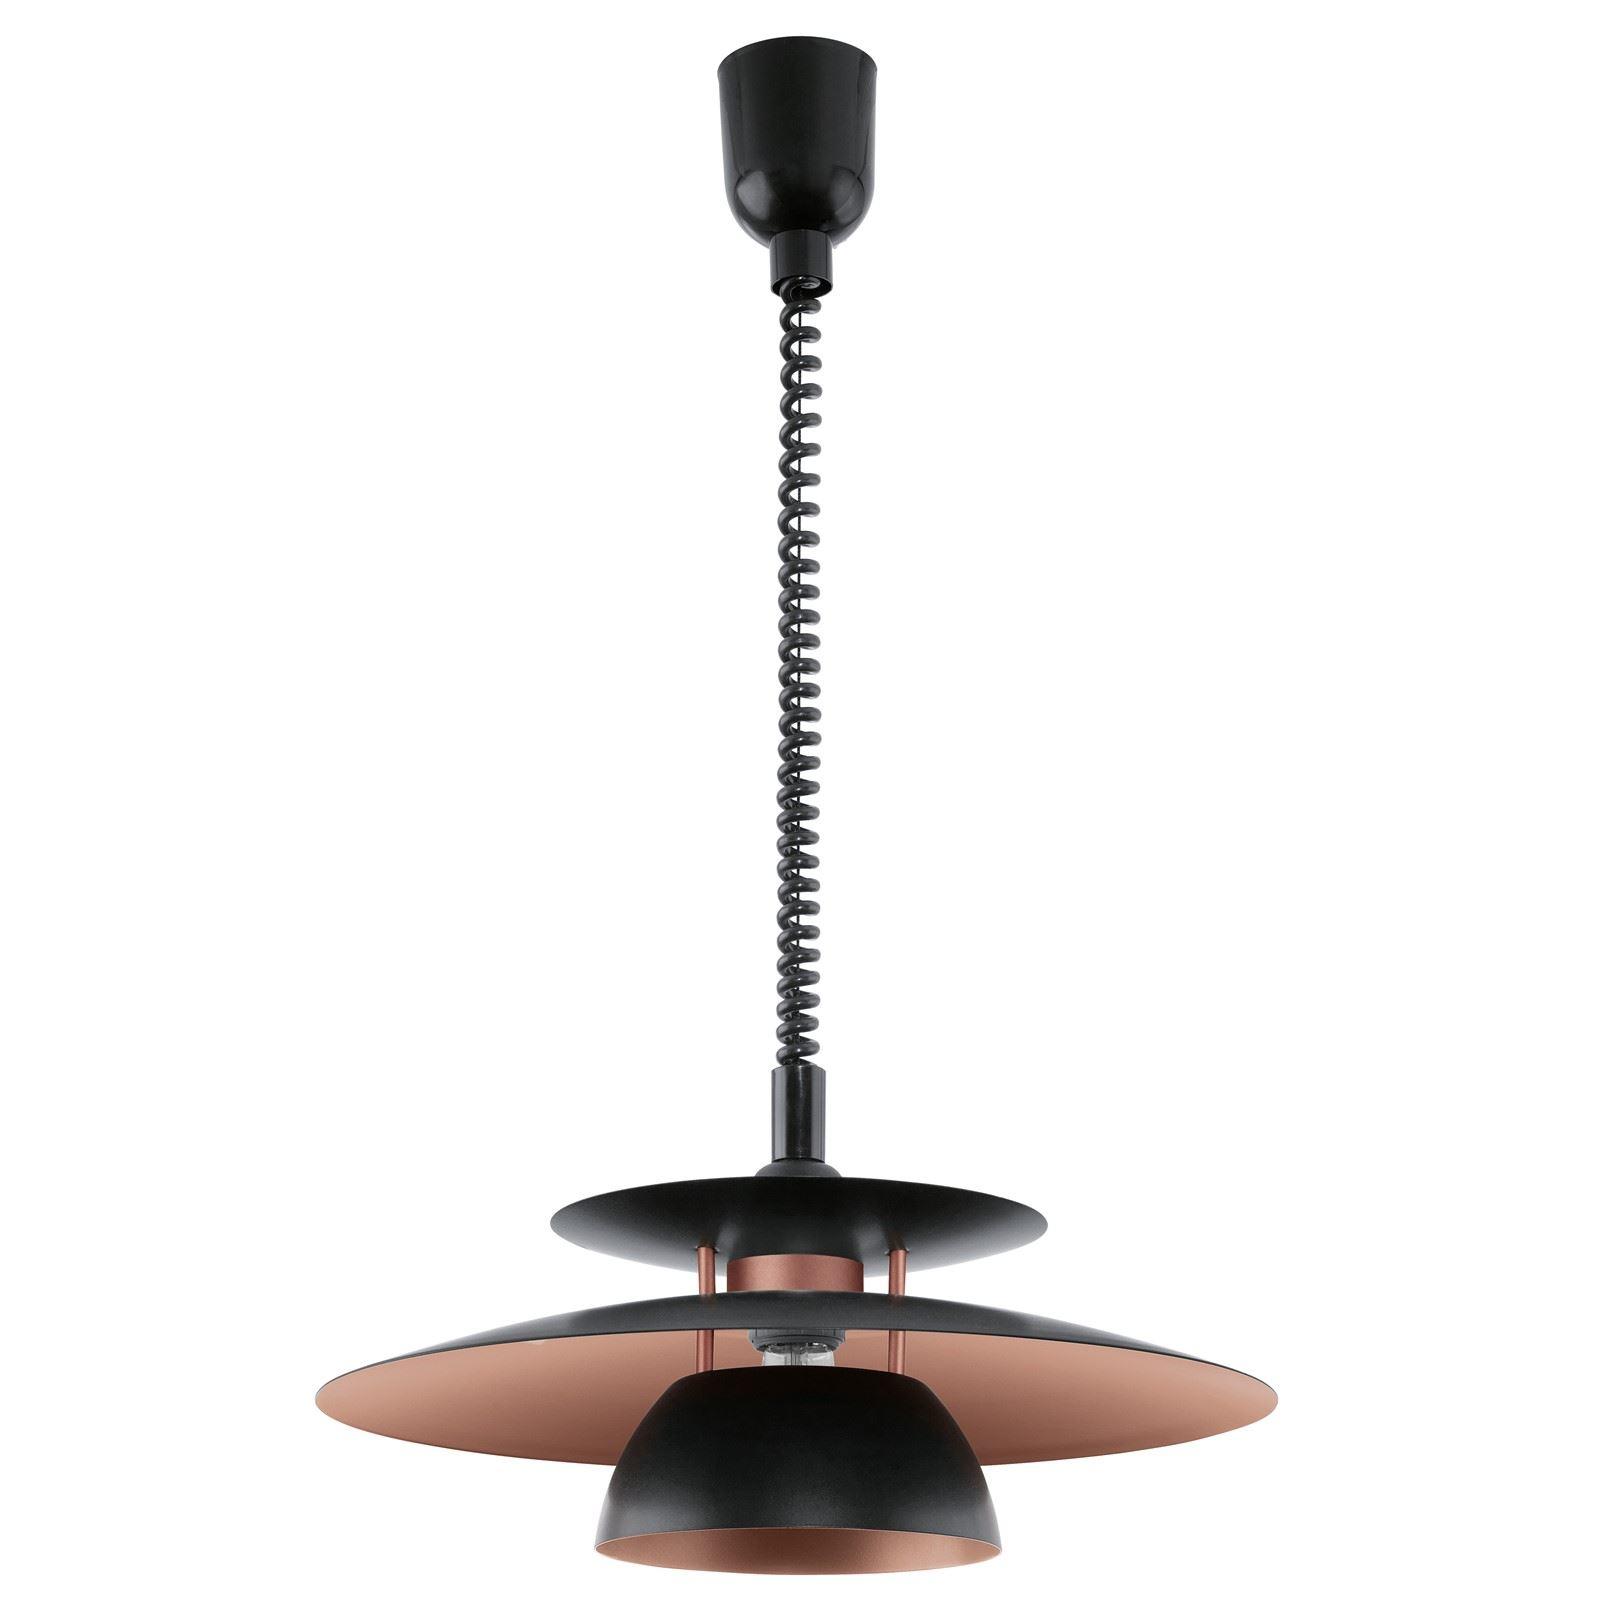 Brenda Hanging Light 1 Light E27 Adjustable Height Black Copper